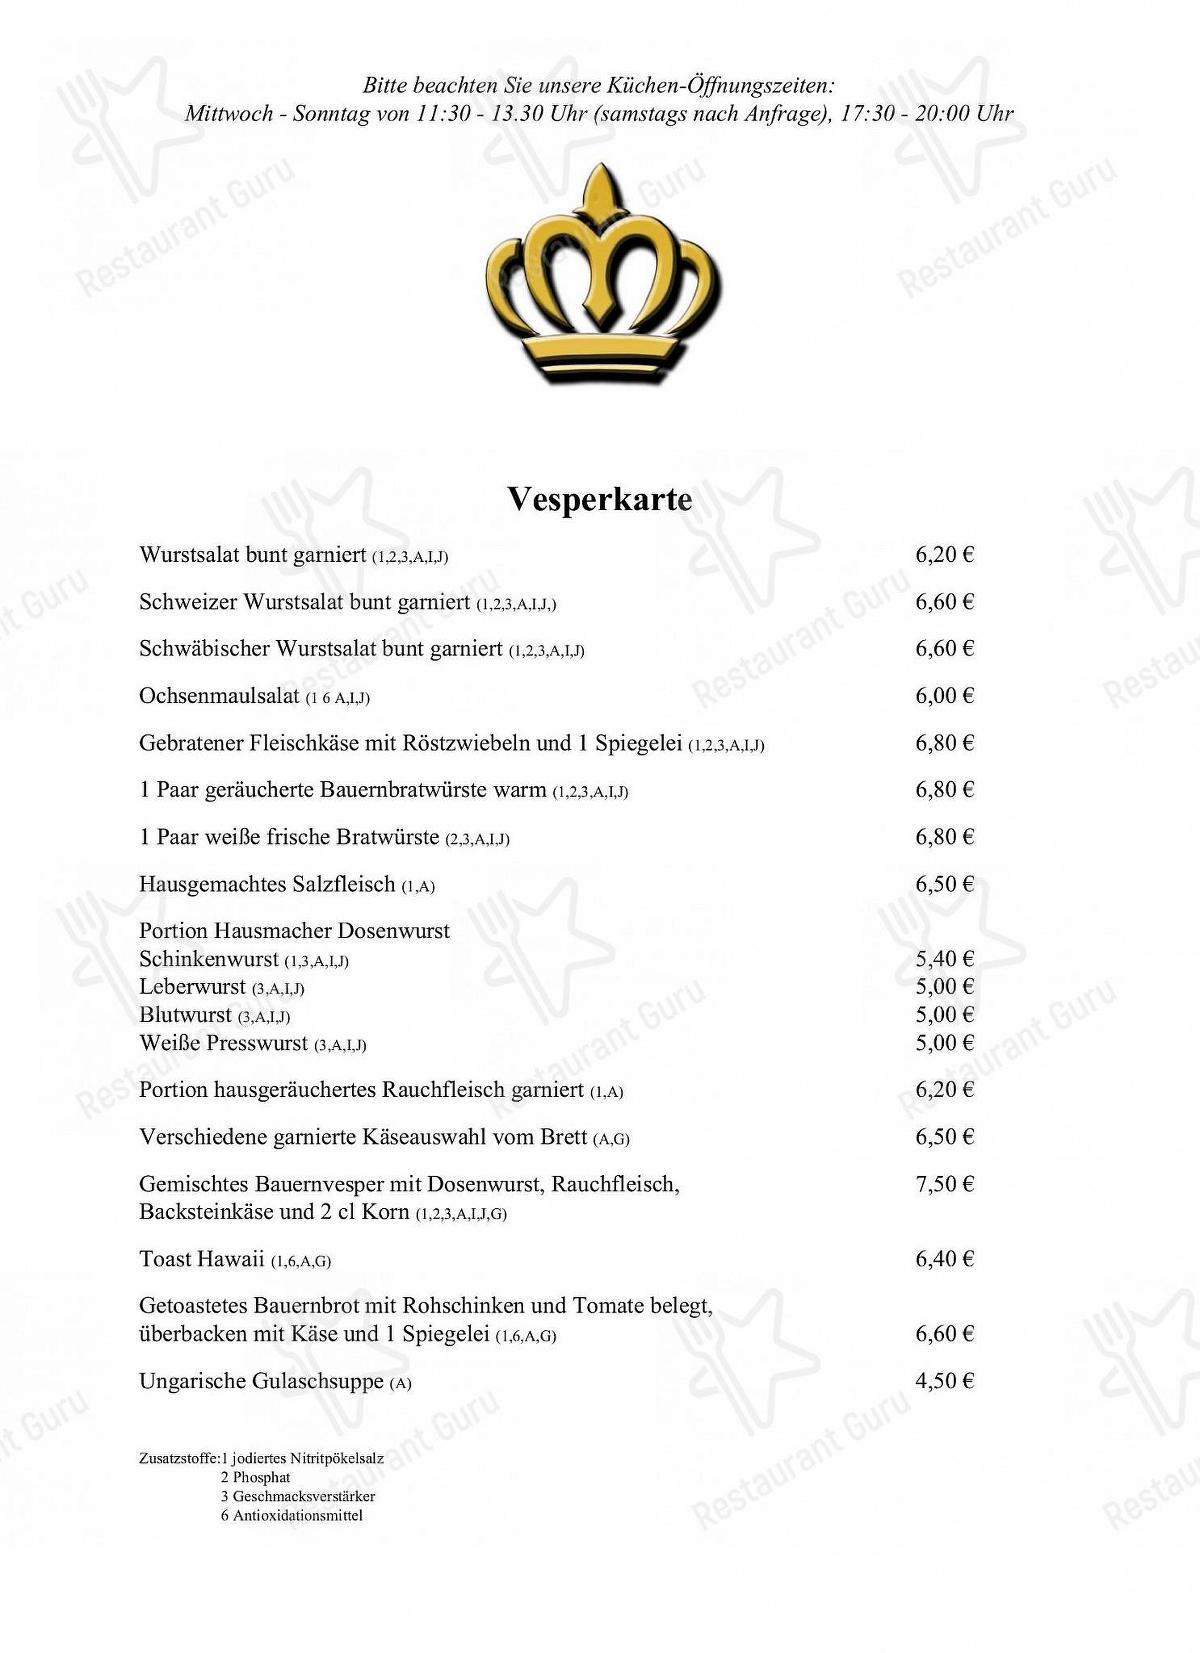 Speisekarte Von Gasthaus Krone Adelstetten Fam Markus Beisswenger Restaurant Alfdorf